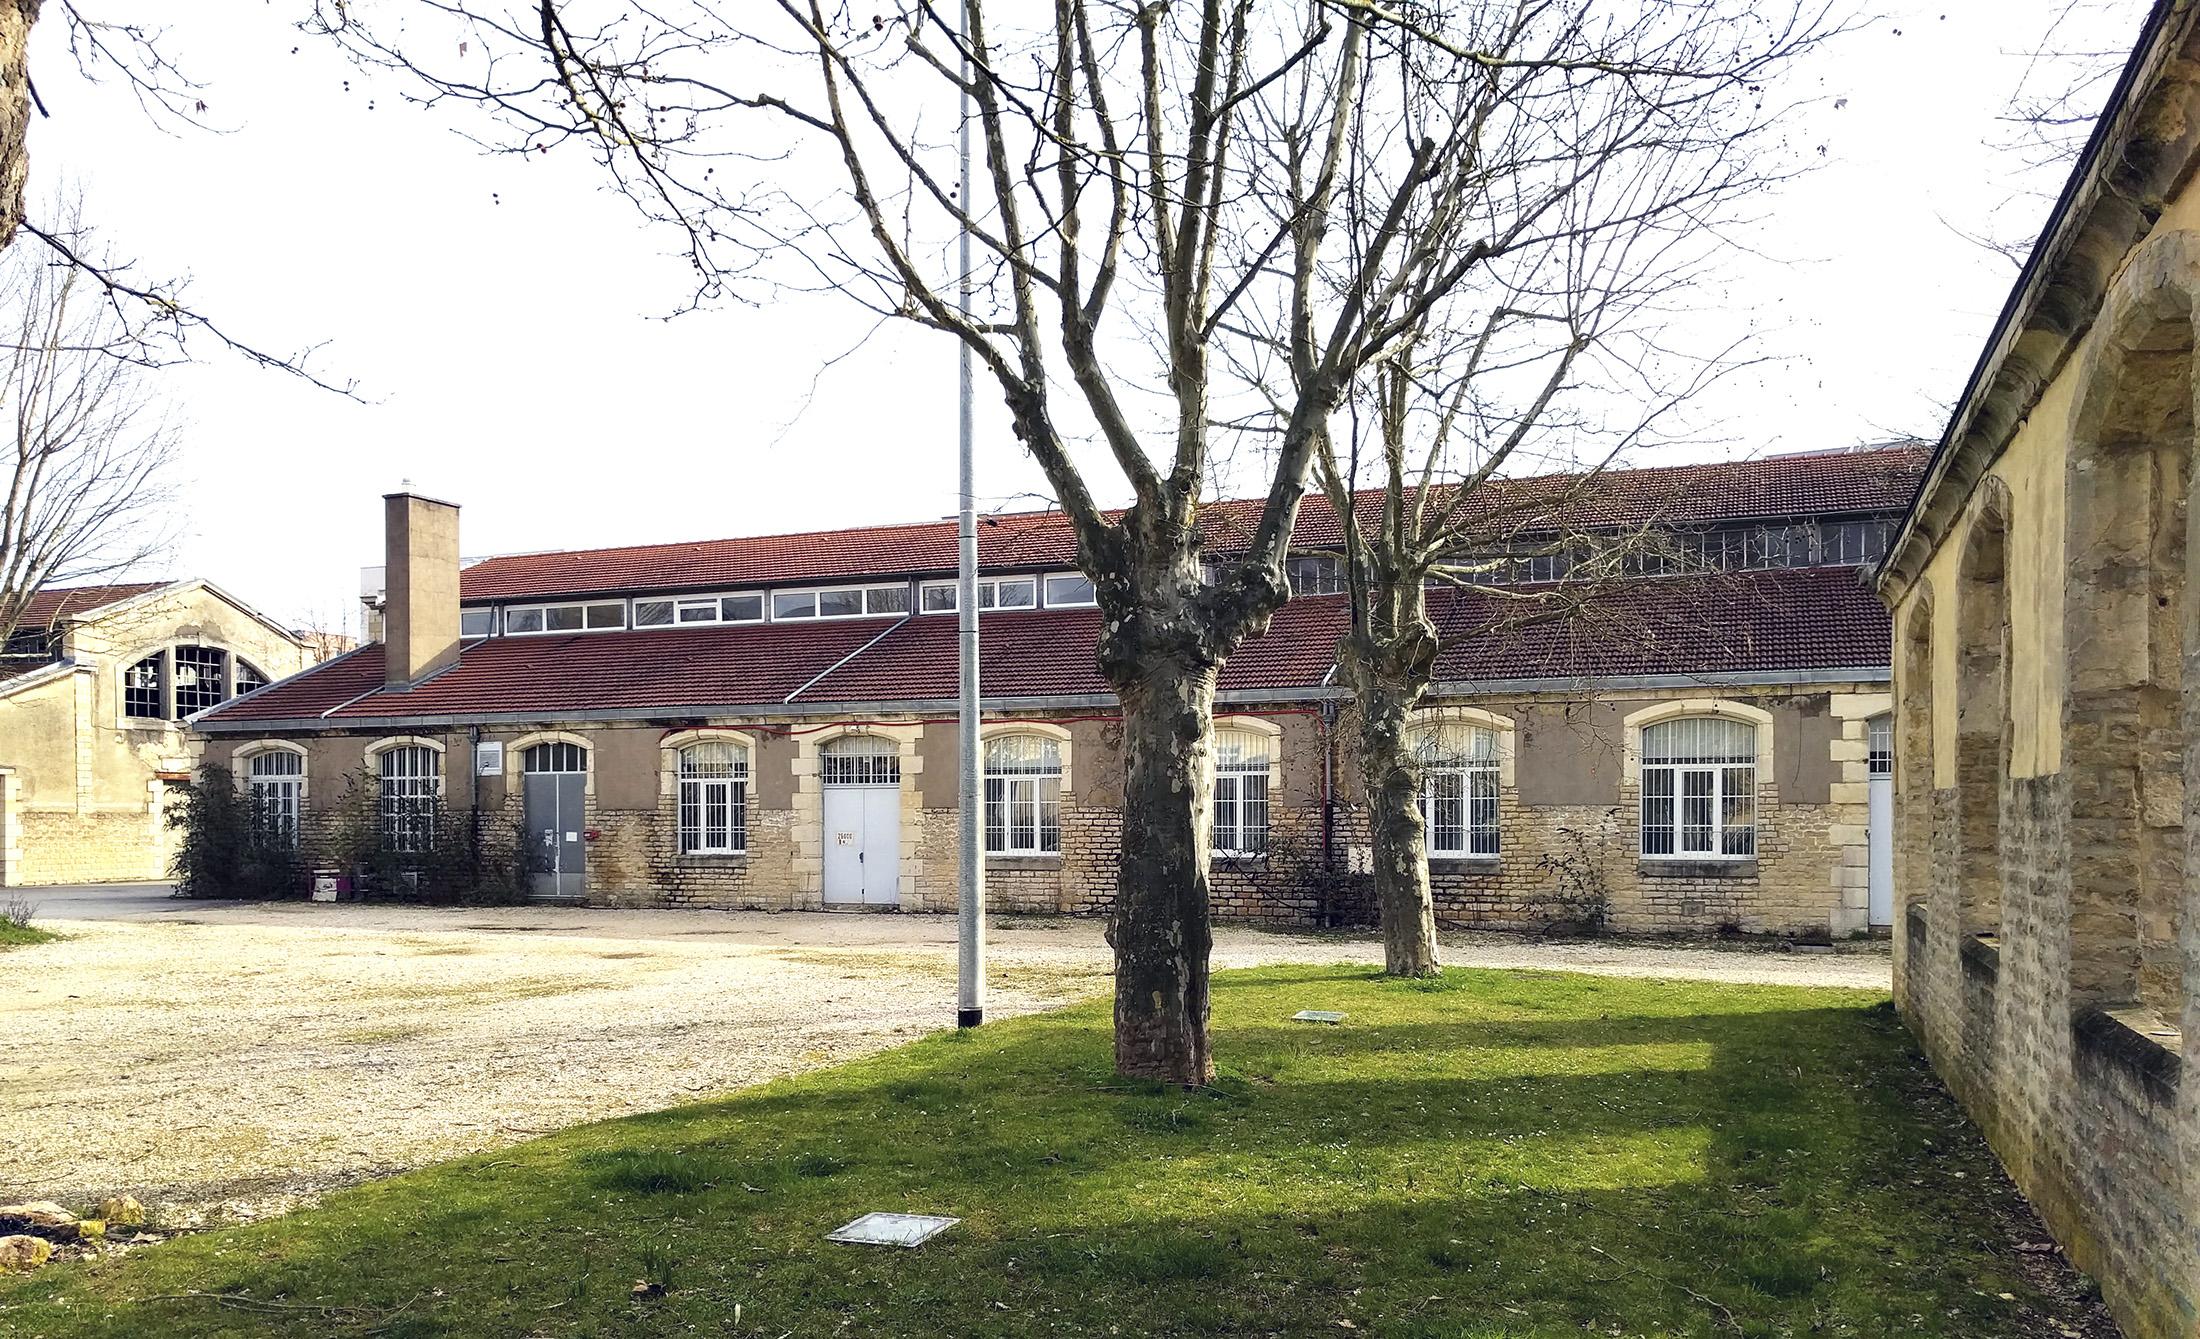 Chouette architecture - réhabilitation Halle 38 Dijon - 2200 4